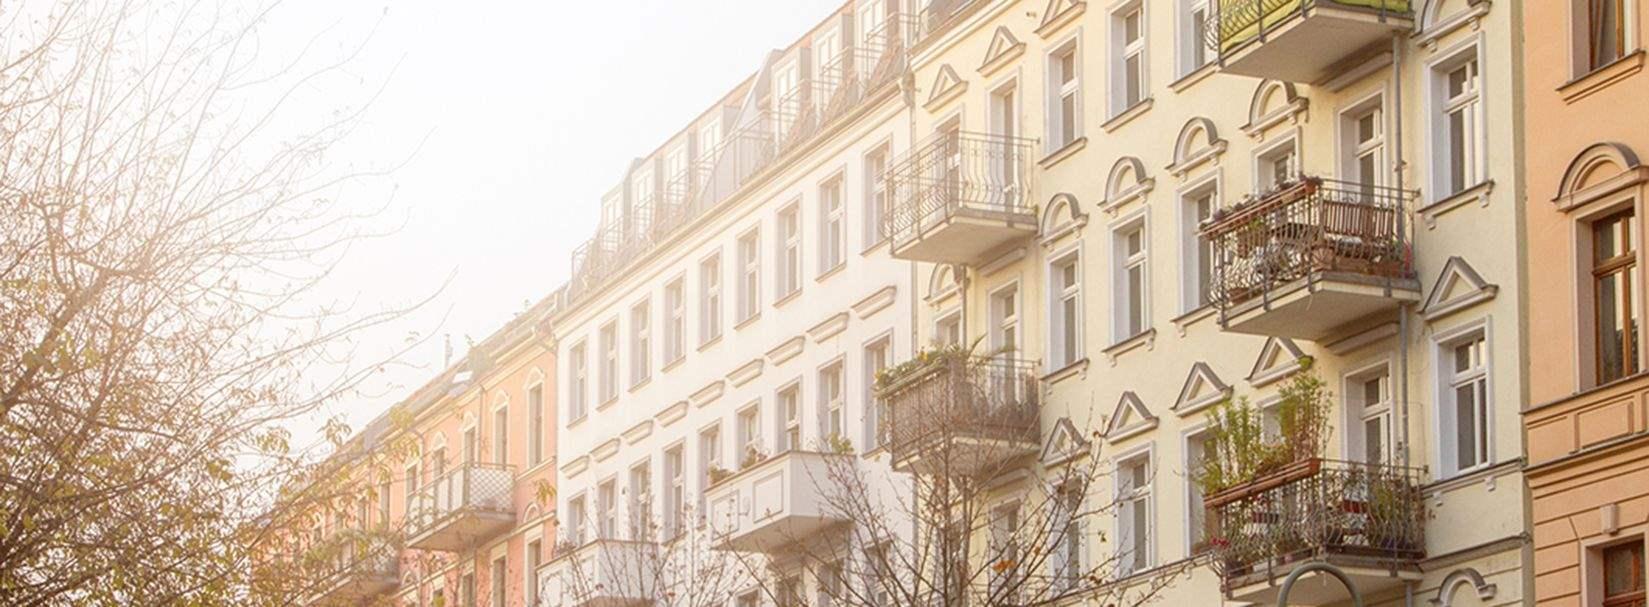 savills-residential market germany 2018